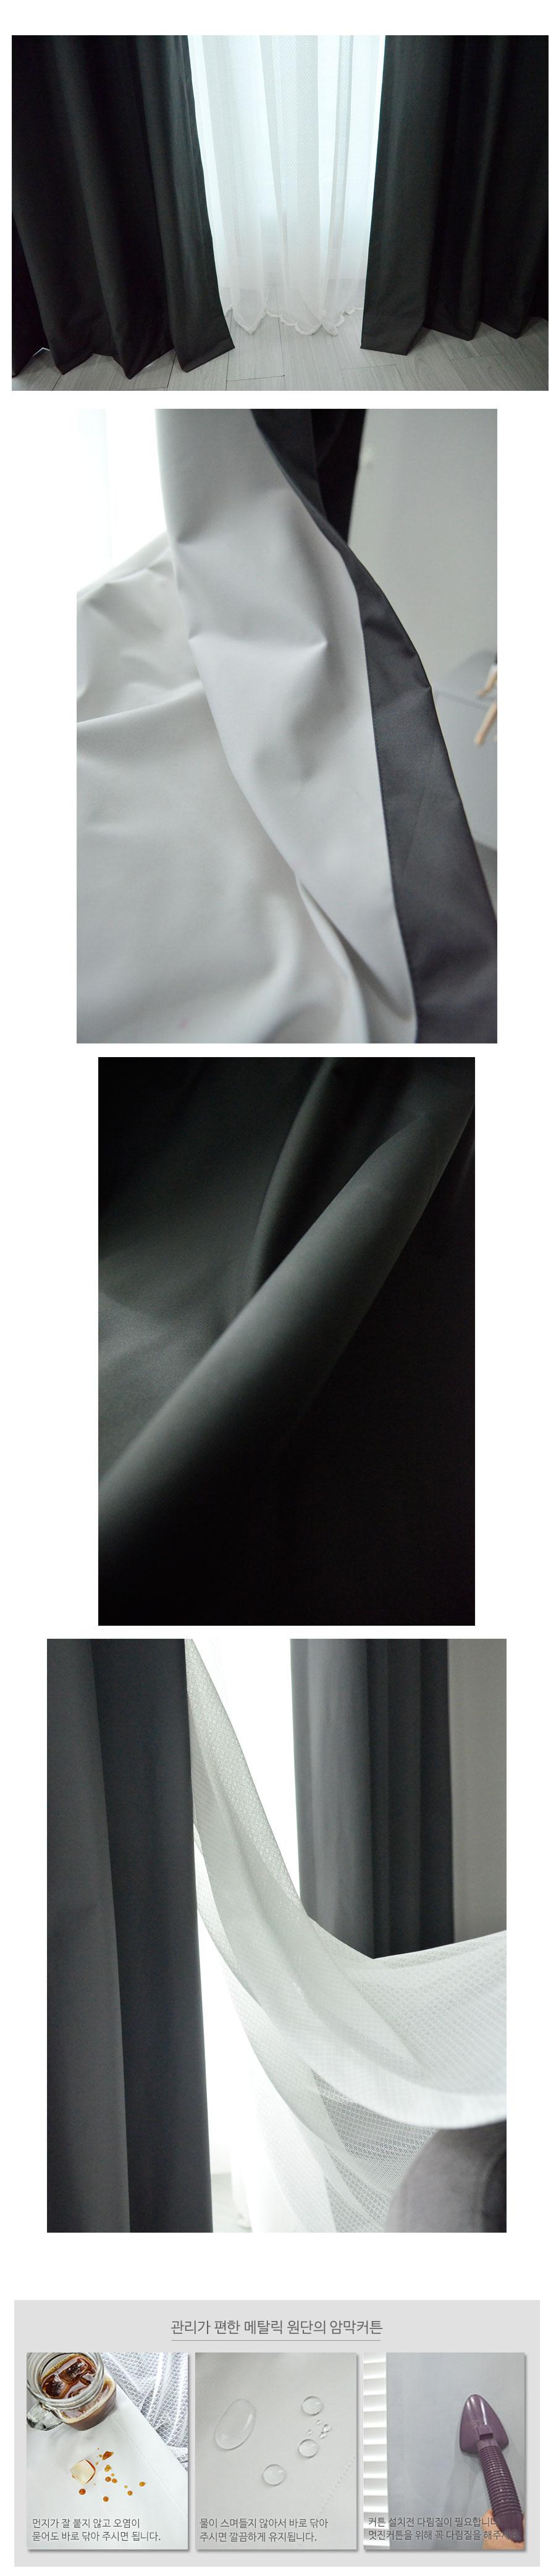 [ 암막]메탈릭 암막커튼_다크그레이 (민자형M)55,000원-파라다이스홈패브릭, 커튼, 암막커튼, 무지/솔리드바보사랑[ 암막]메탈릭 암막커튼_다크그레이 (민자형M)55,000원-파라다이스홈패브릭, 커튼, 암막커튼, 무지/솔리드바보사랑